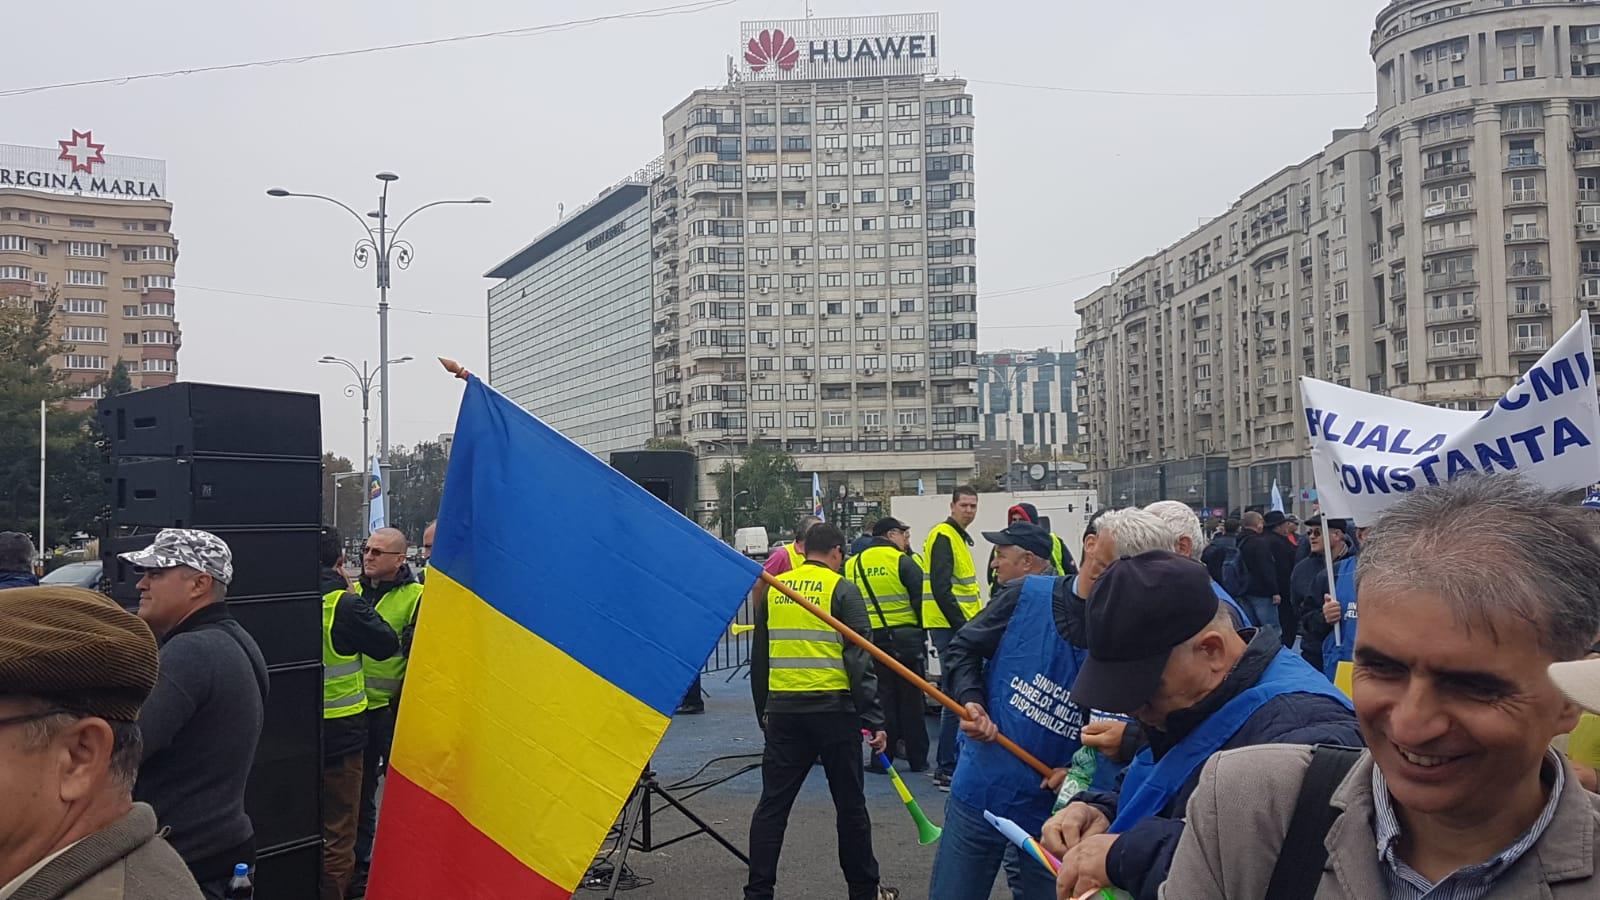 Guvernul Cîțu sub asediul protestelor. Zeci de mi de oameni sunt în stradă 1